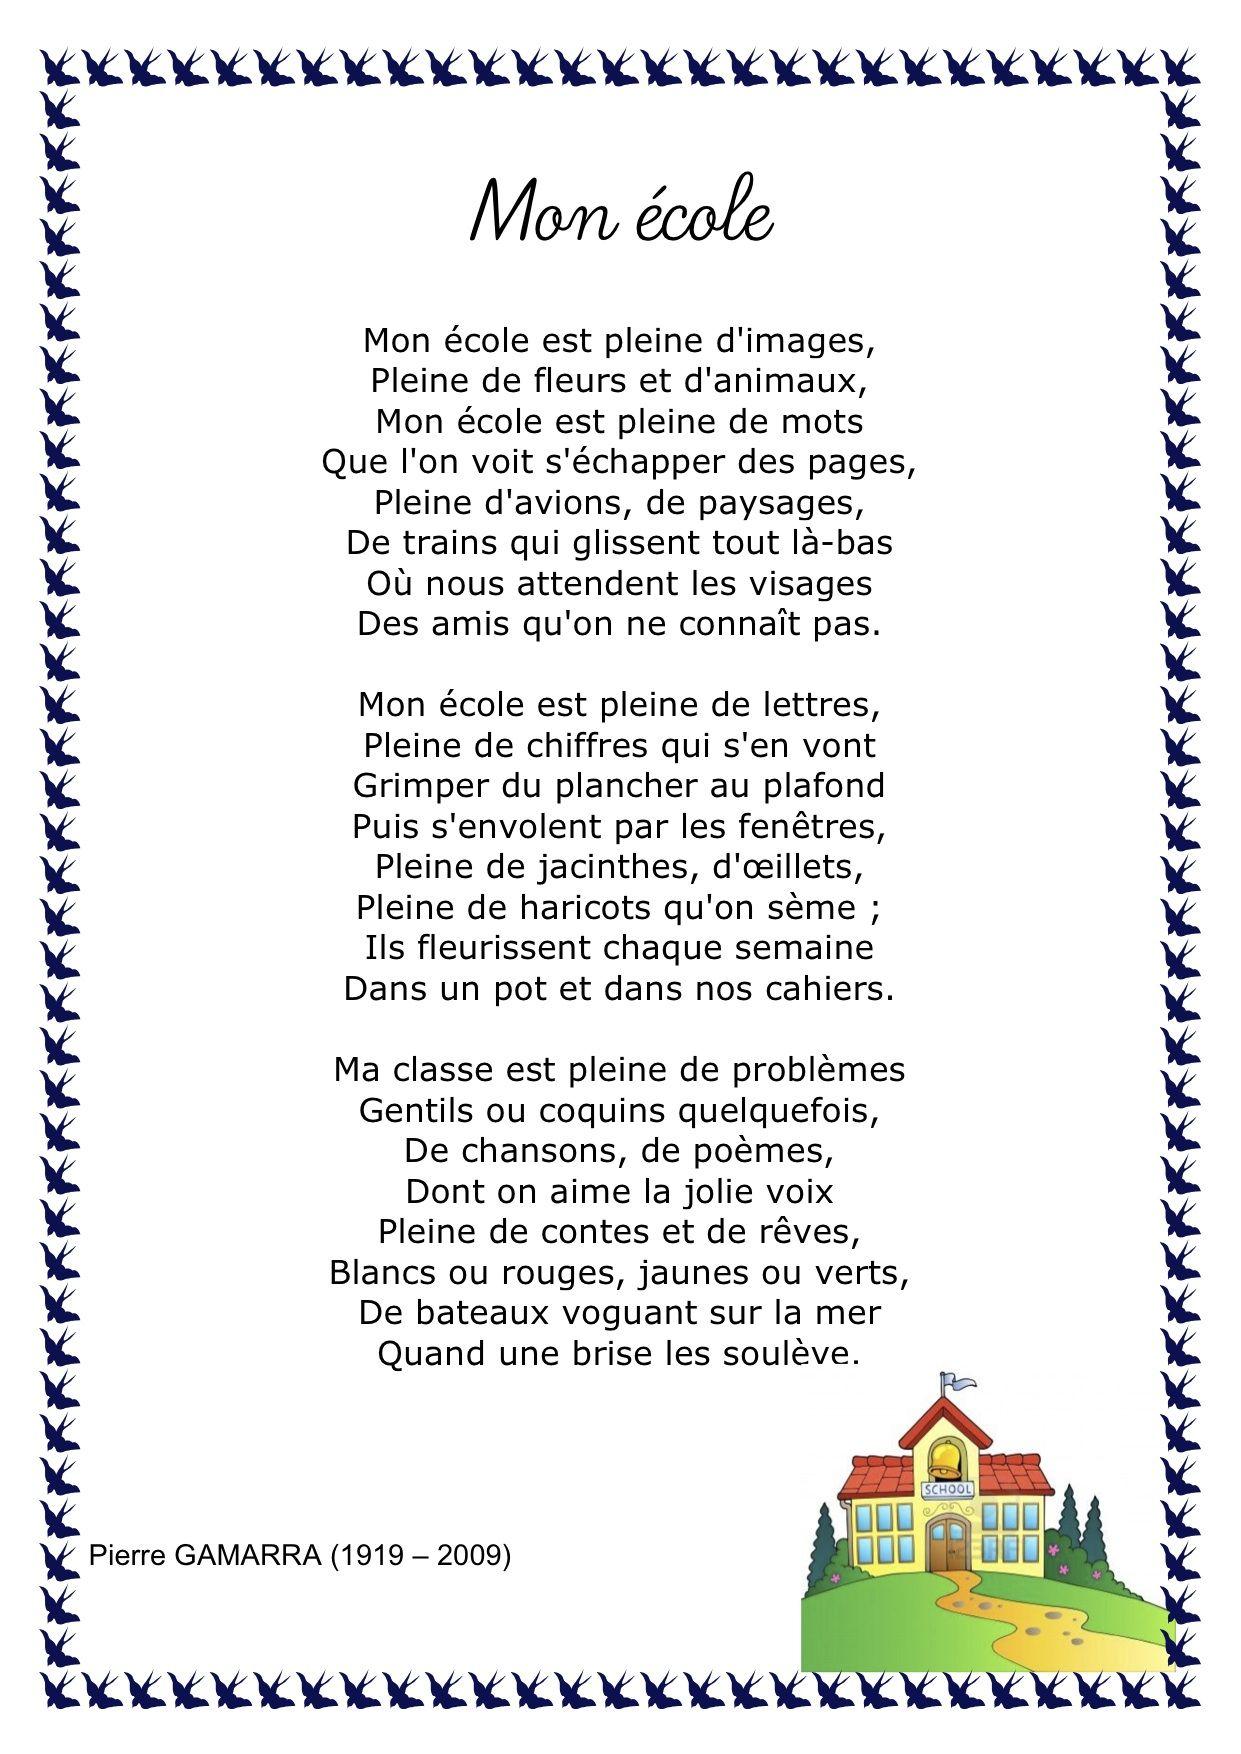 Poesie Mon Ecole Est Plein D Images : poesie, ecole, plein, images, Poèmes, Thème, L'école, /http://ecolevalmo.free.fr/fichiers-pdf/theme%20ecole.pdf, Poésie, Rentrée